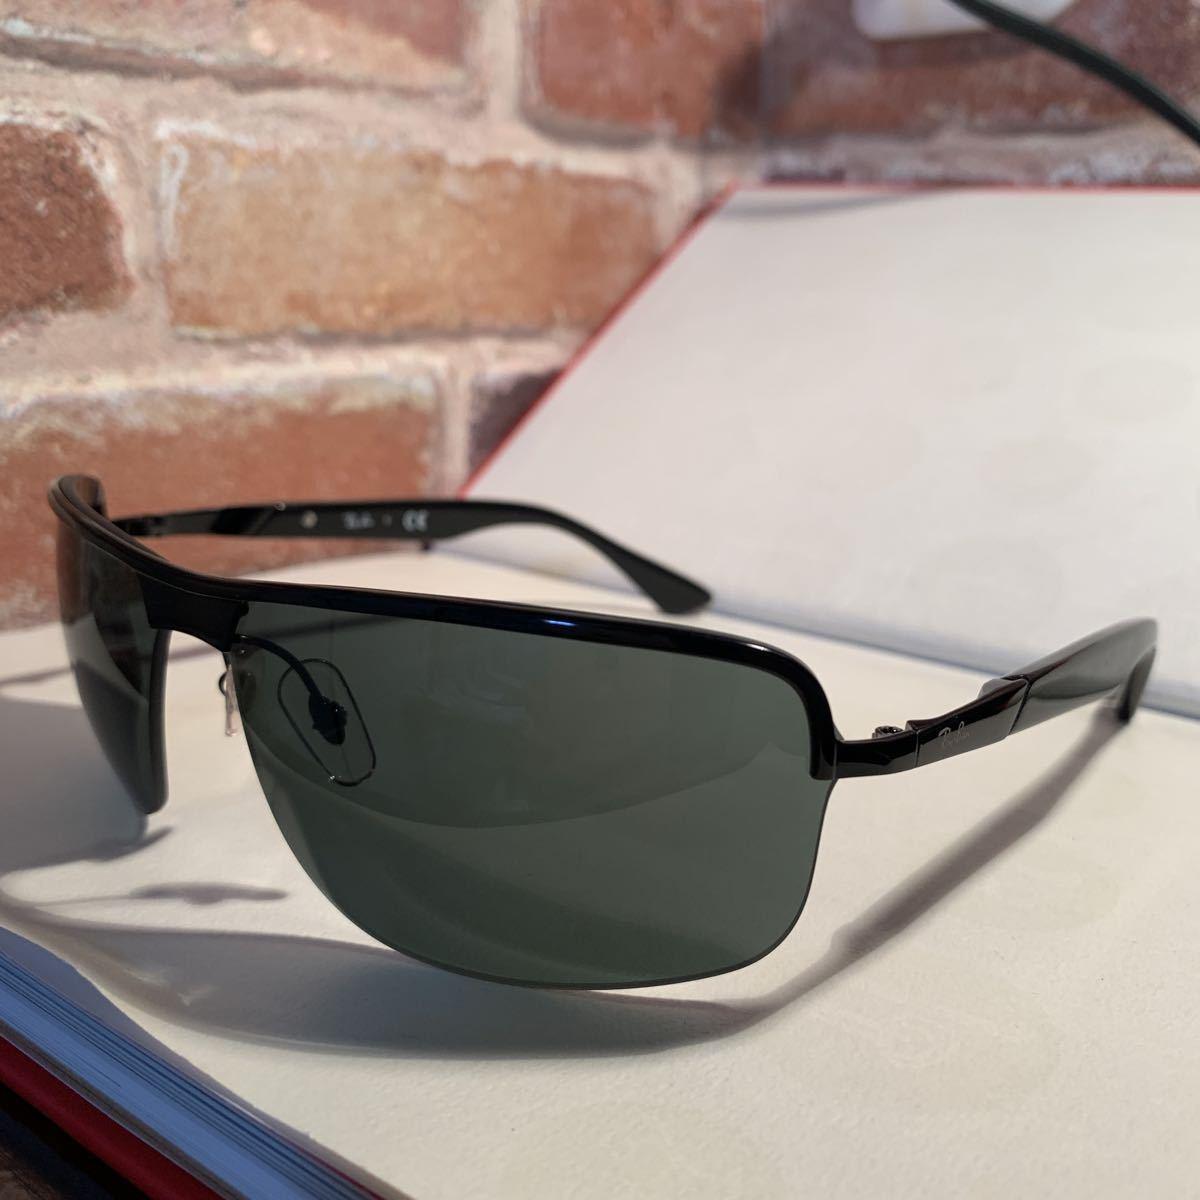 RayBanレイバン RB3510 002/71 65サイズ メンズ サングラス 眼鏡_画像6